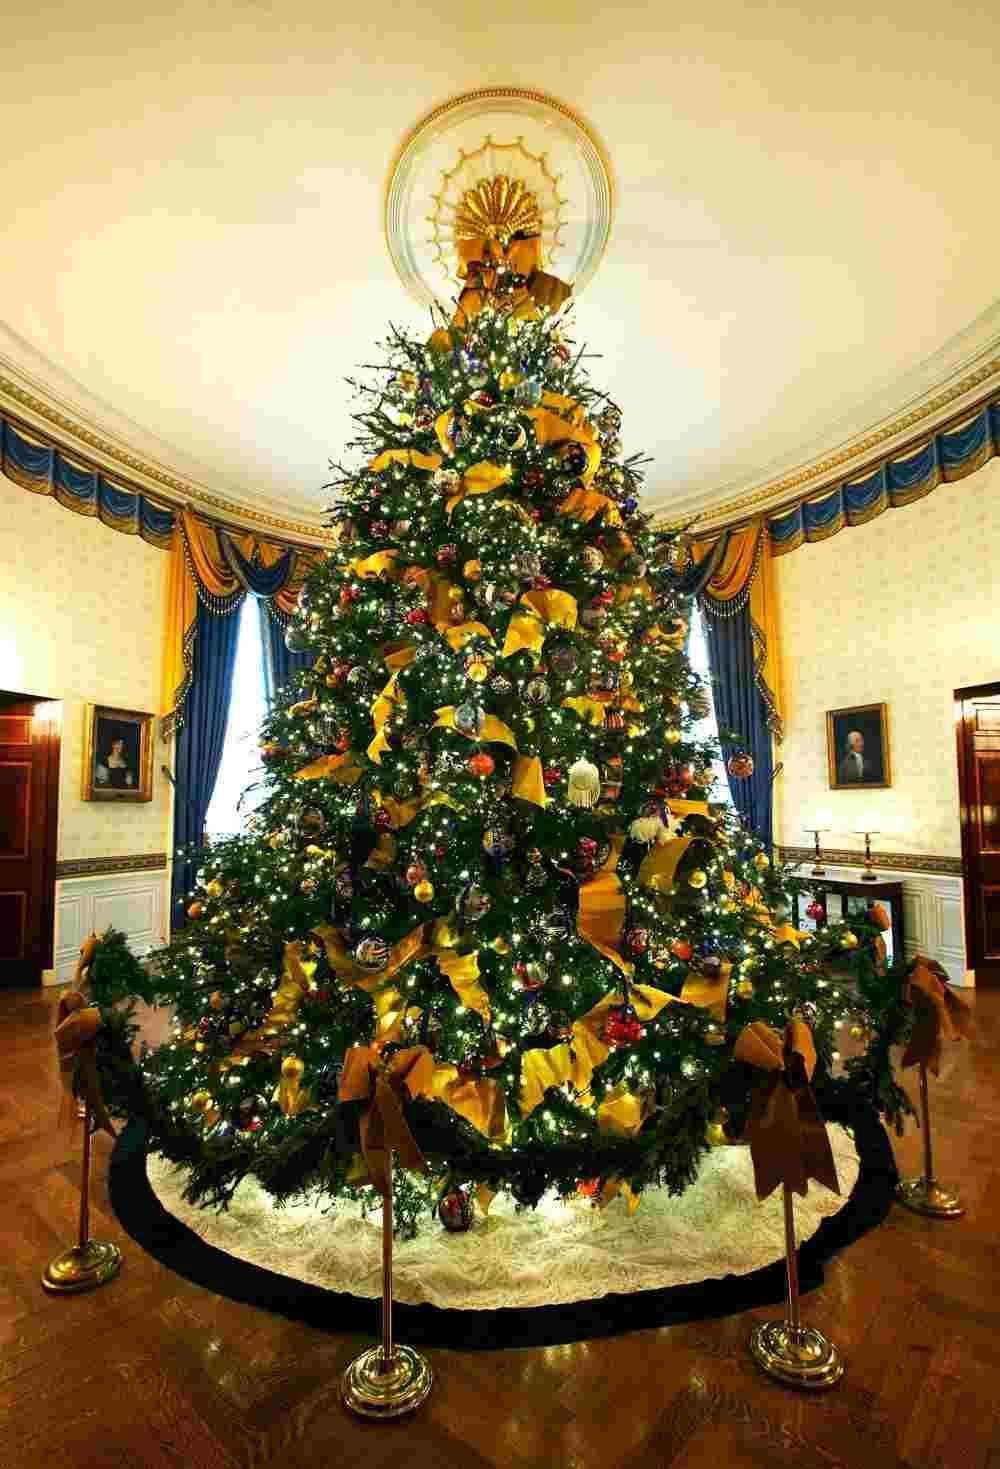 aa94b2bd9f8dc645d6ab013f6d4ab036 - How Do You Get Tickets To The White House Christmas Tour